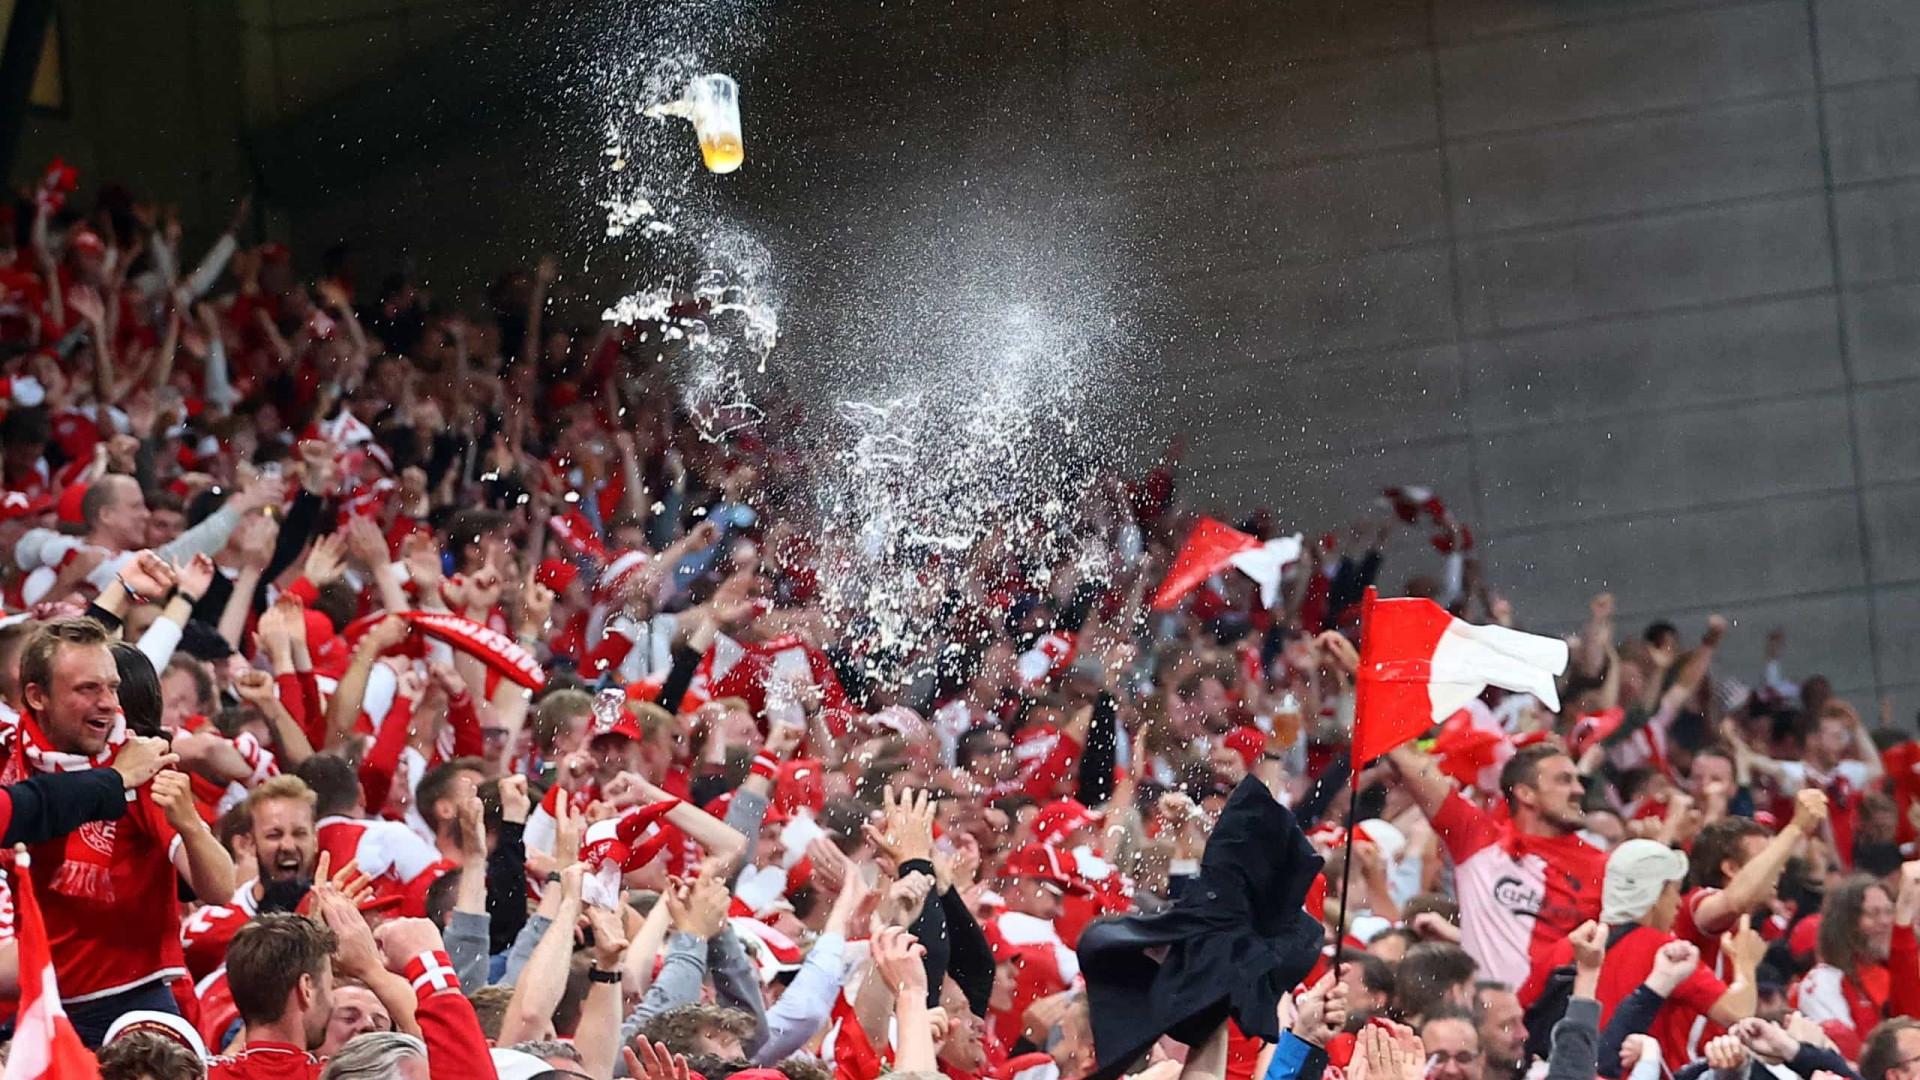 Imagens do 11.º dia do Euro: Festa regada na Dinamarca e adeus de Pandev